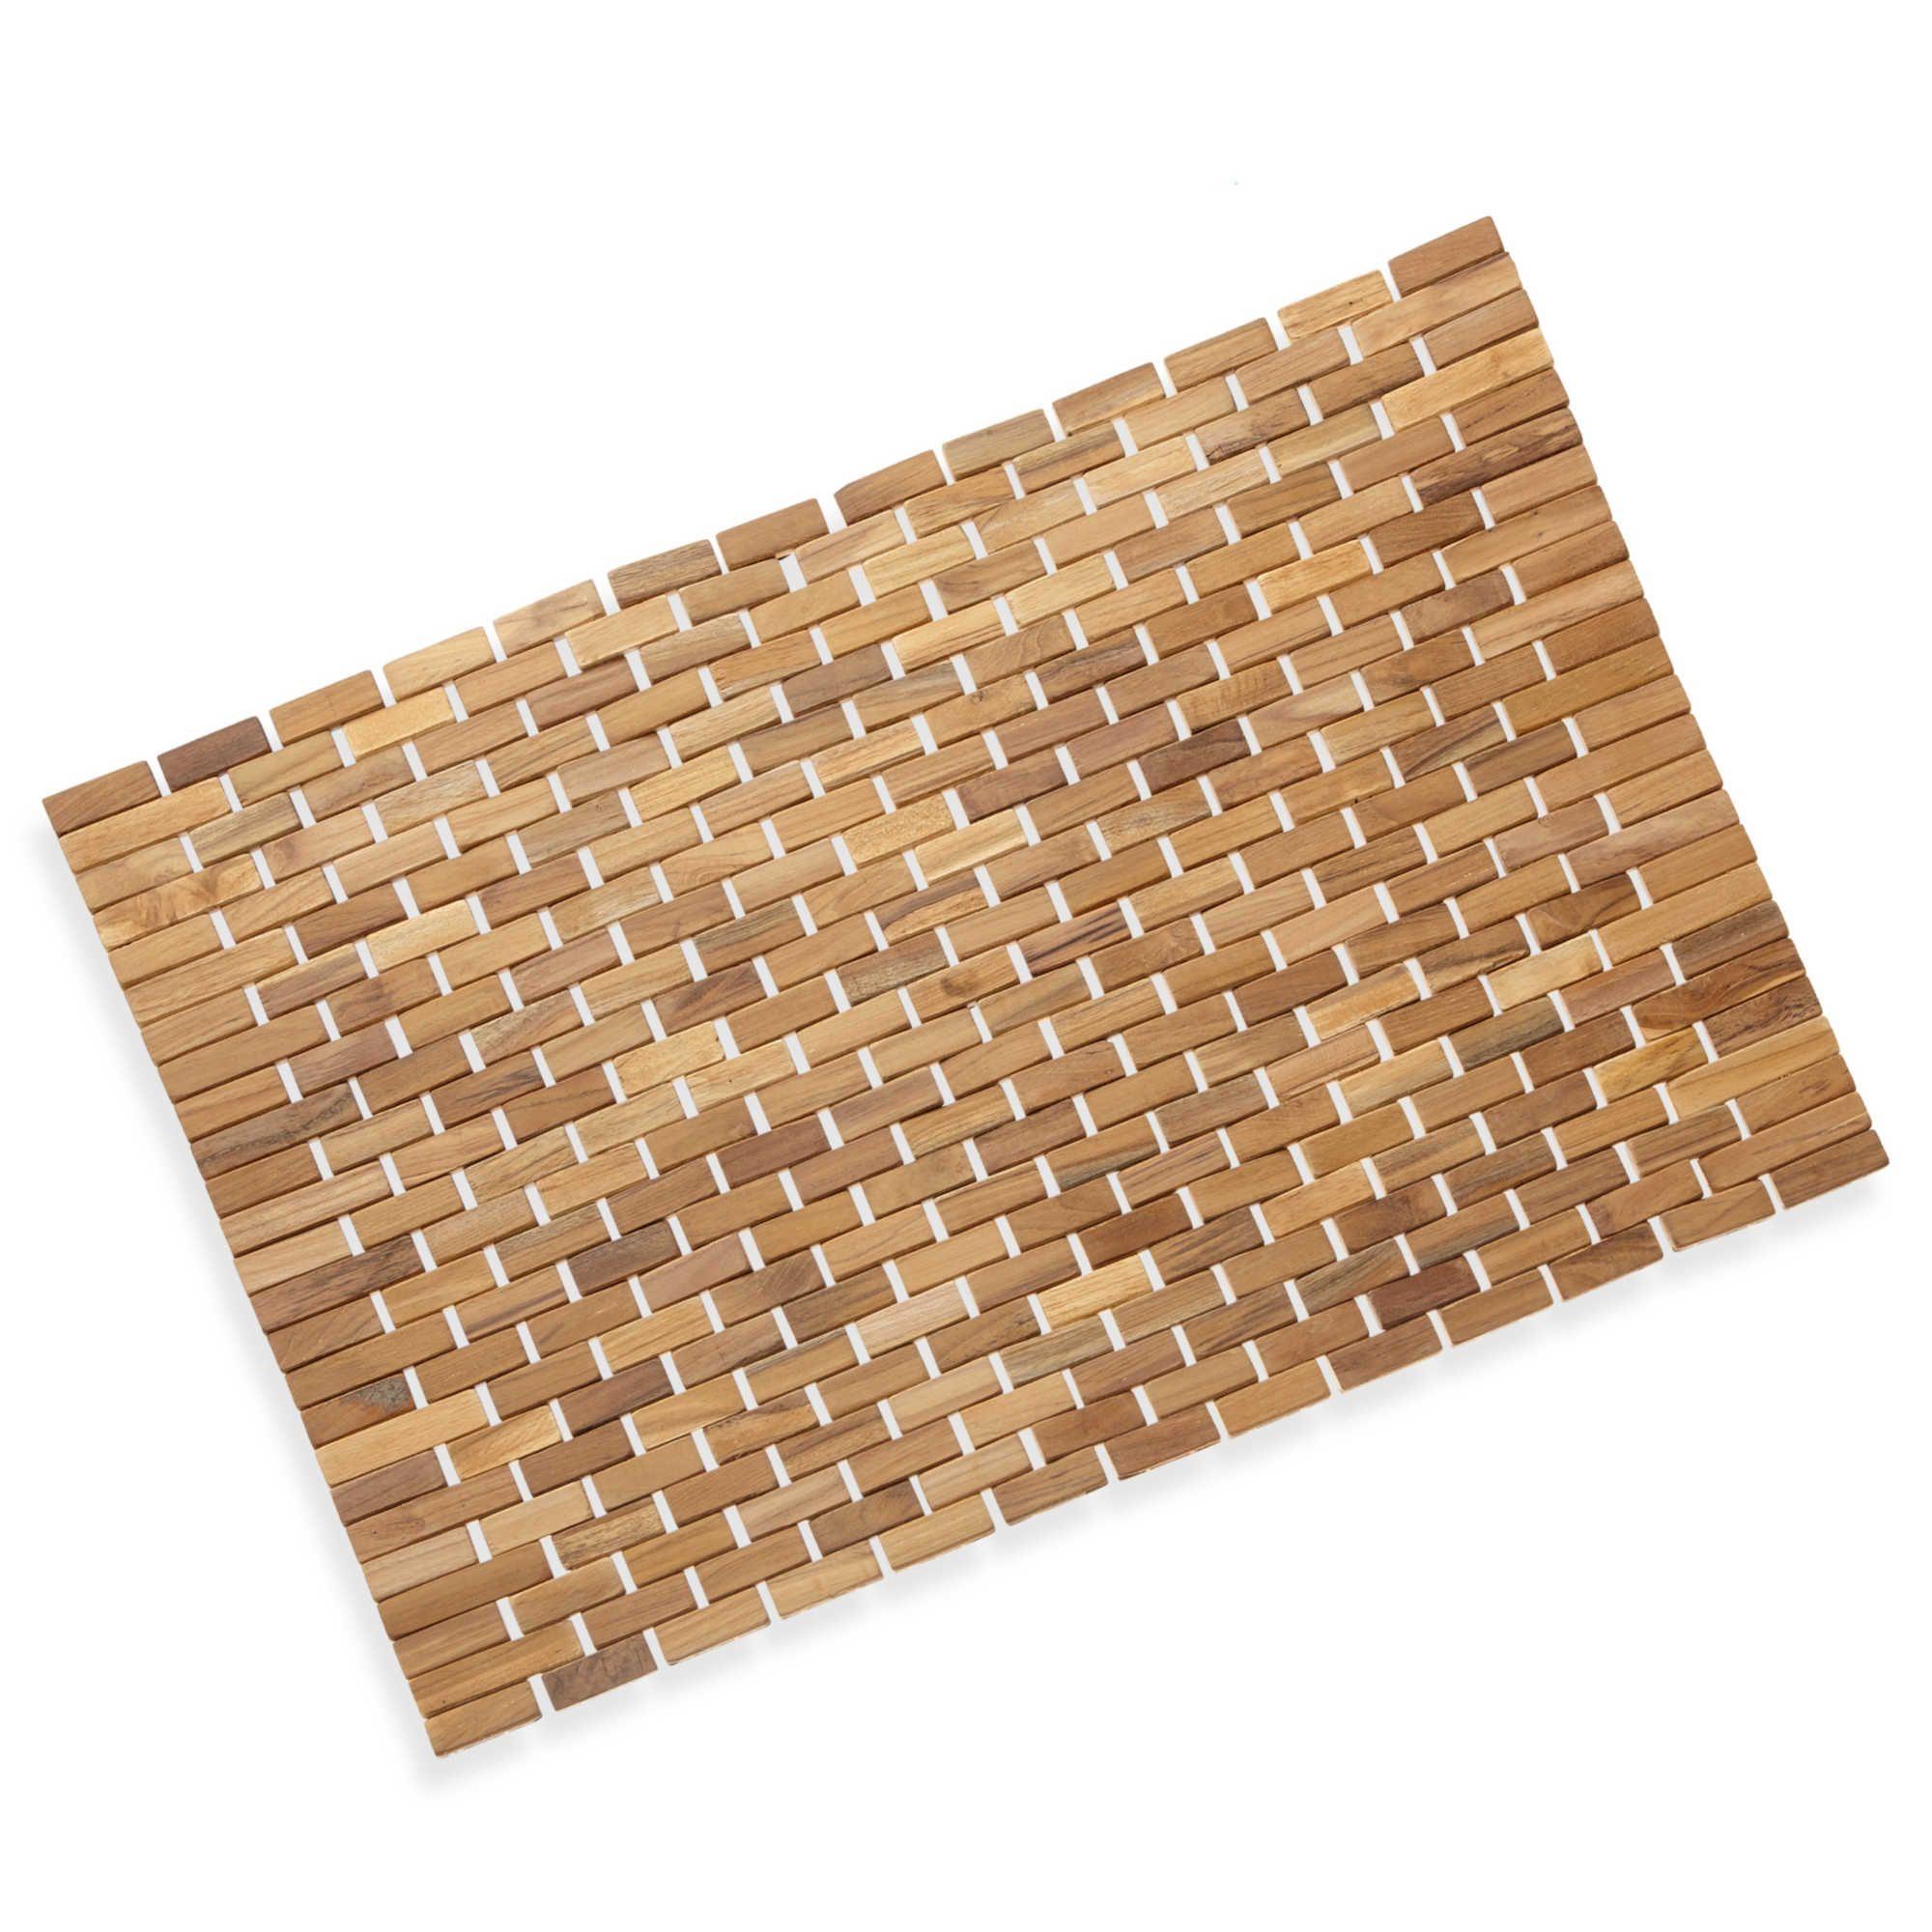 Conair 174 Pollenex Solid Teak Roll Up Shower Mat Bamboo